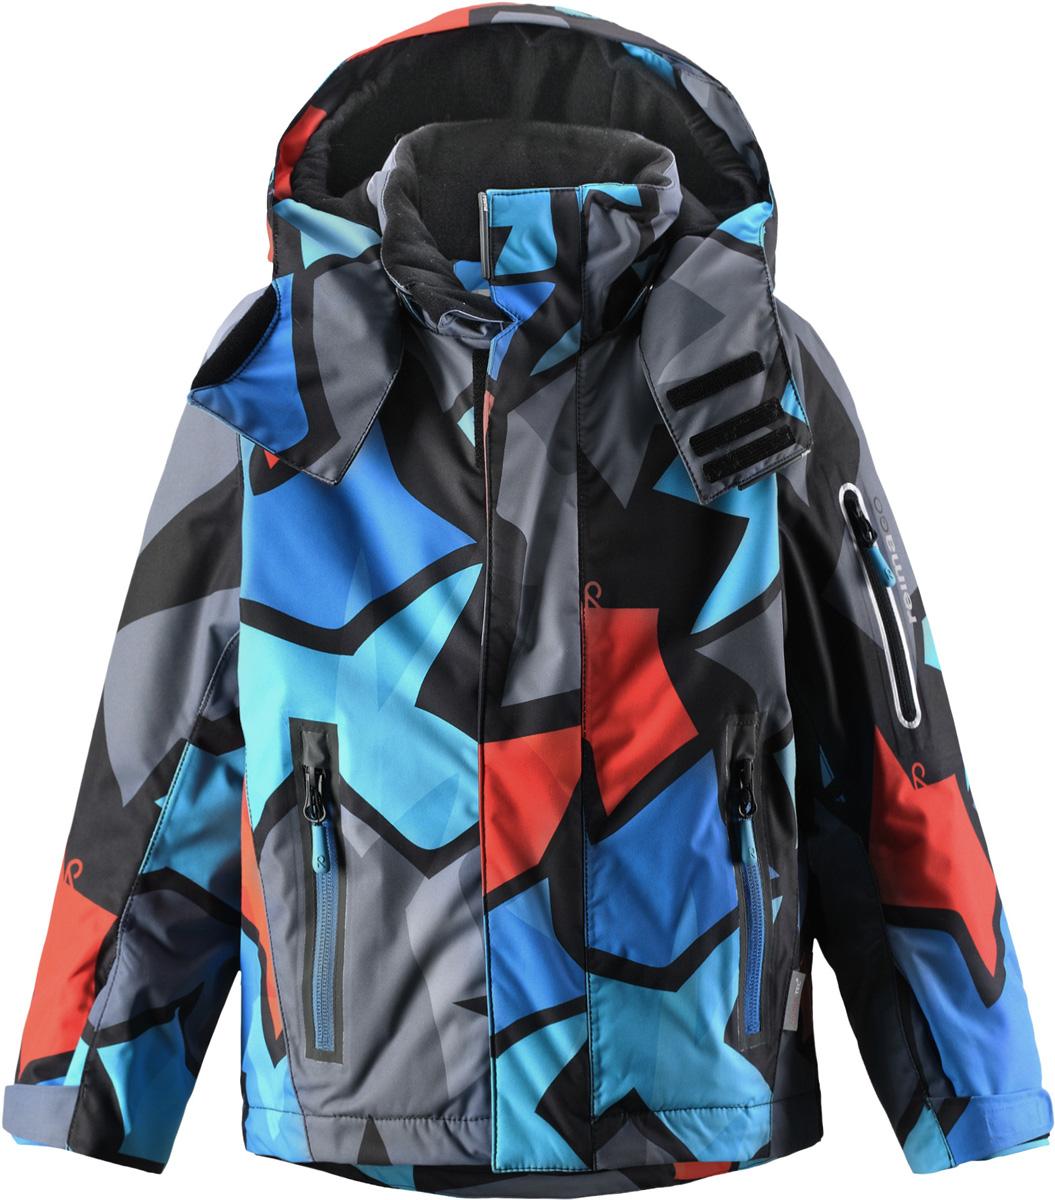 Куртка521473B_6765Функциональная куртка Reima Reimatec Regor со средней степенью утепления идеально подходит для занятий зимними видами спорта. Модель изготовлена из ветронепроницаемого, водо- и грязеотталкивающего материала с утеплителем из полиэстера. Дышащий материал хорошо пропускает воздух. Изделие легко чистится и не требует частых стирок. Благодаря гладкой подкладке из полиэстера, куртка легко надевается. Все швы проклеены. Куртка с воротником-стойкой, капюшоном и рукавами-реглан застегивается на пластиковую молнию с защитой подбородка. Модель оснащена двумя ветрозащитными планками. Внешняя планка имеет застежки- липучки. Регулируемый капюшон пристегивается к куртке при помощи кнопок. На капюшоне имеются клапан на липучке для защиты от ветра и козырек. Подкладка капюшона, выполненная из тактильно приятного материала, по краям присборена на резинки. Рукава дополнены эластичными манжетами. Края рукавов регулируются по объему с помощью хлястиков и липучек. Спереди...